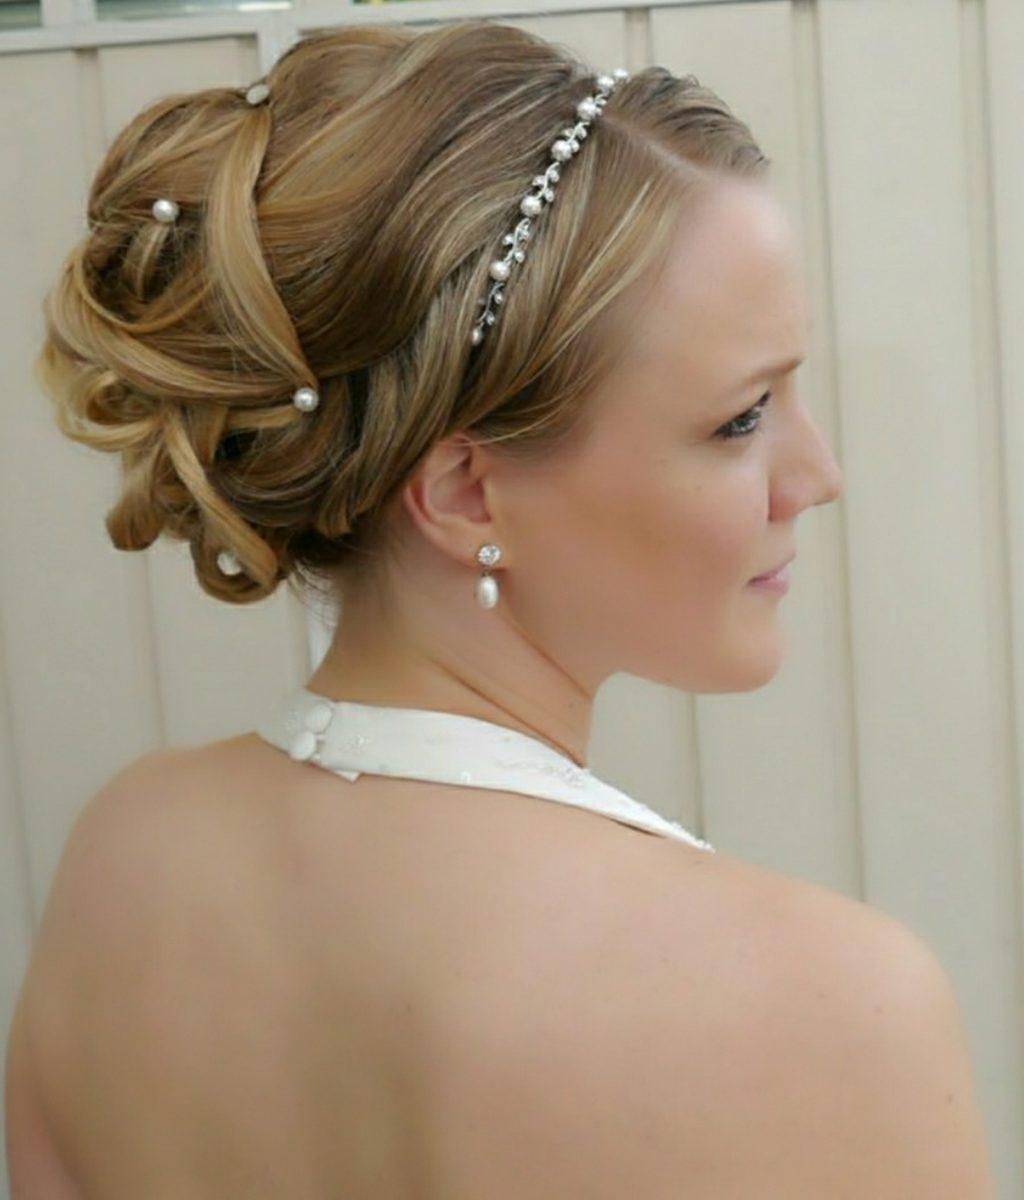 8b6fbe7caa85 Exampel på Bruduppsättning/ Håruppsättning/ Hairstyle/Hair Up Do/ Frisyr